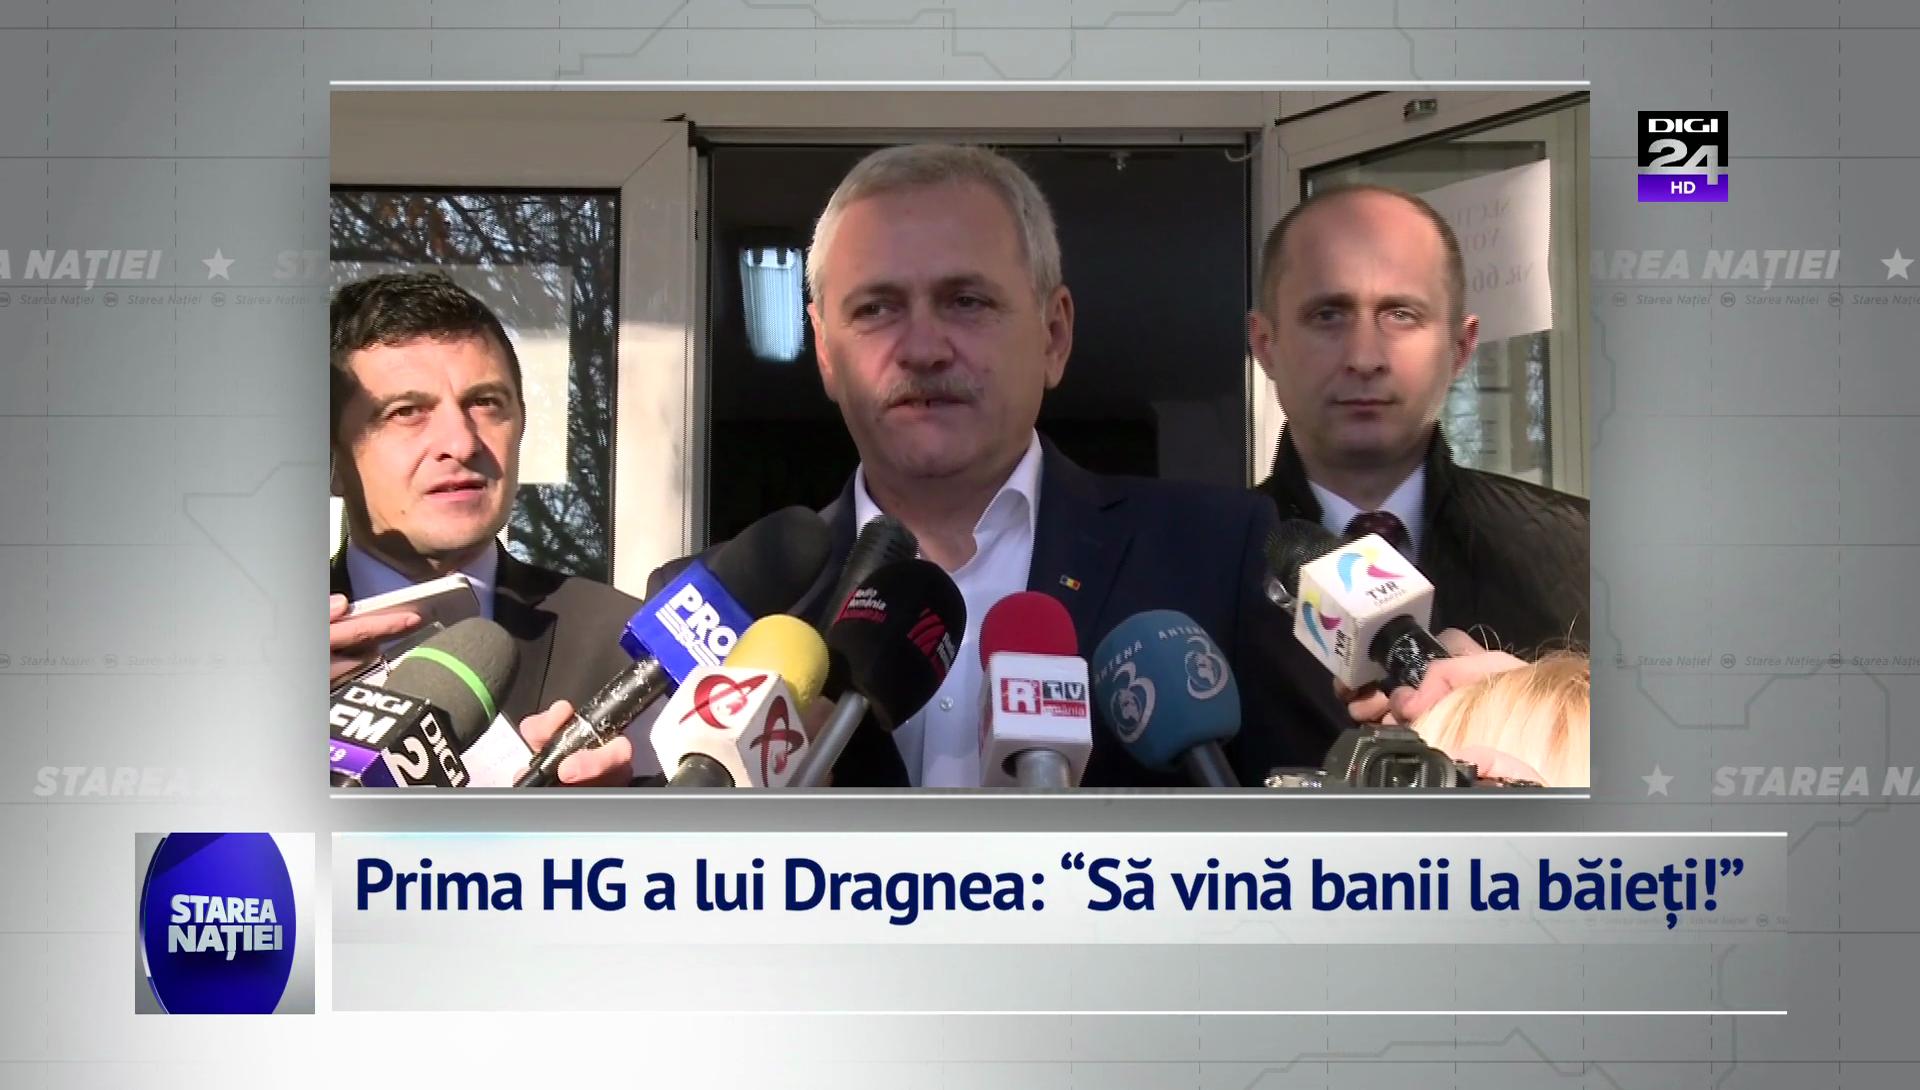 """Prima HG a lui Dragnea: """"Să vină banii la băieți!"""""""